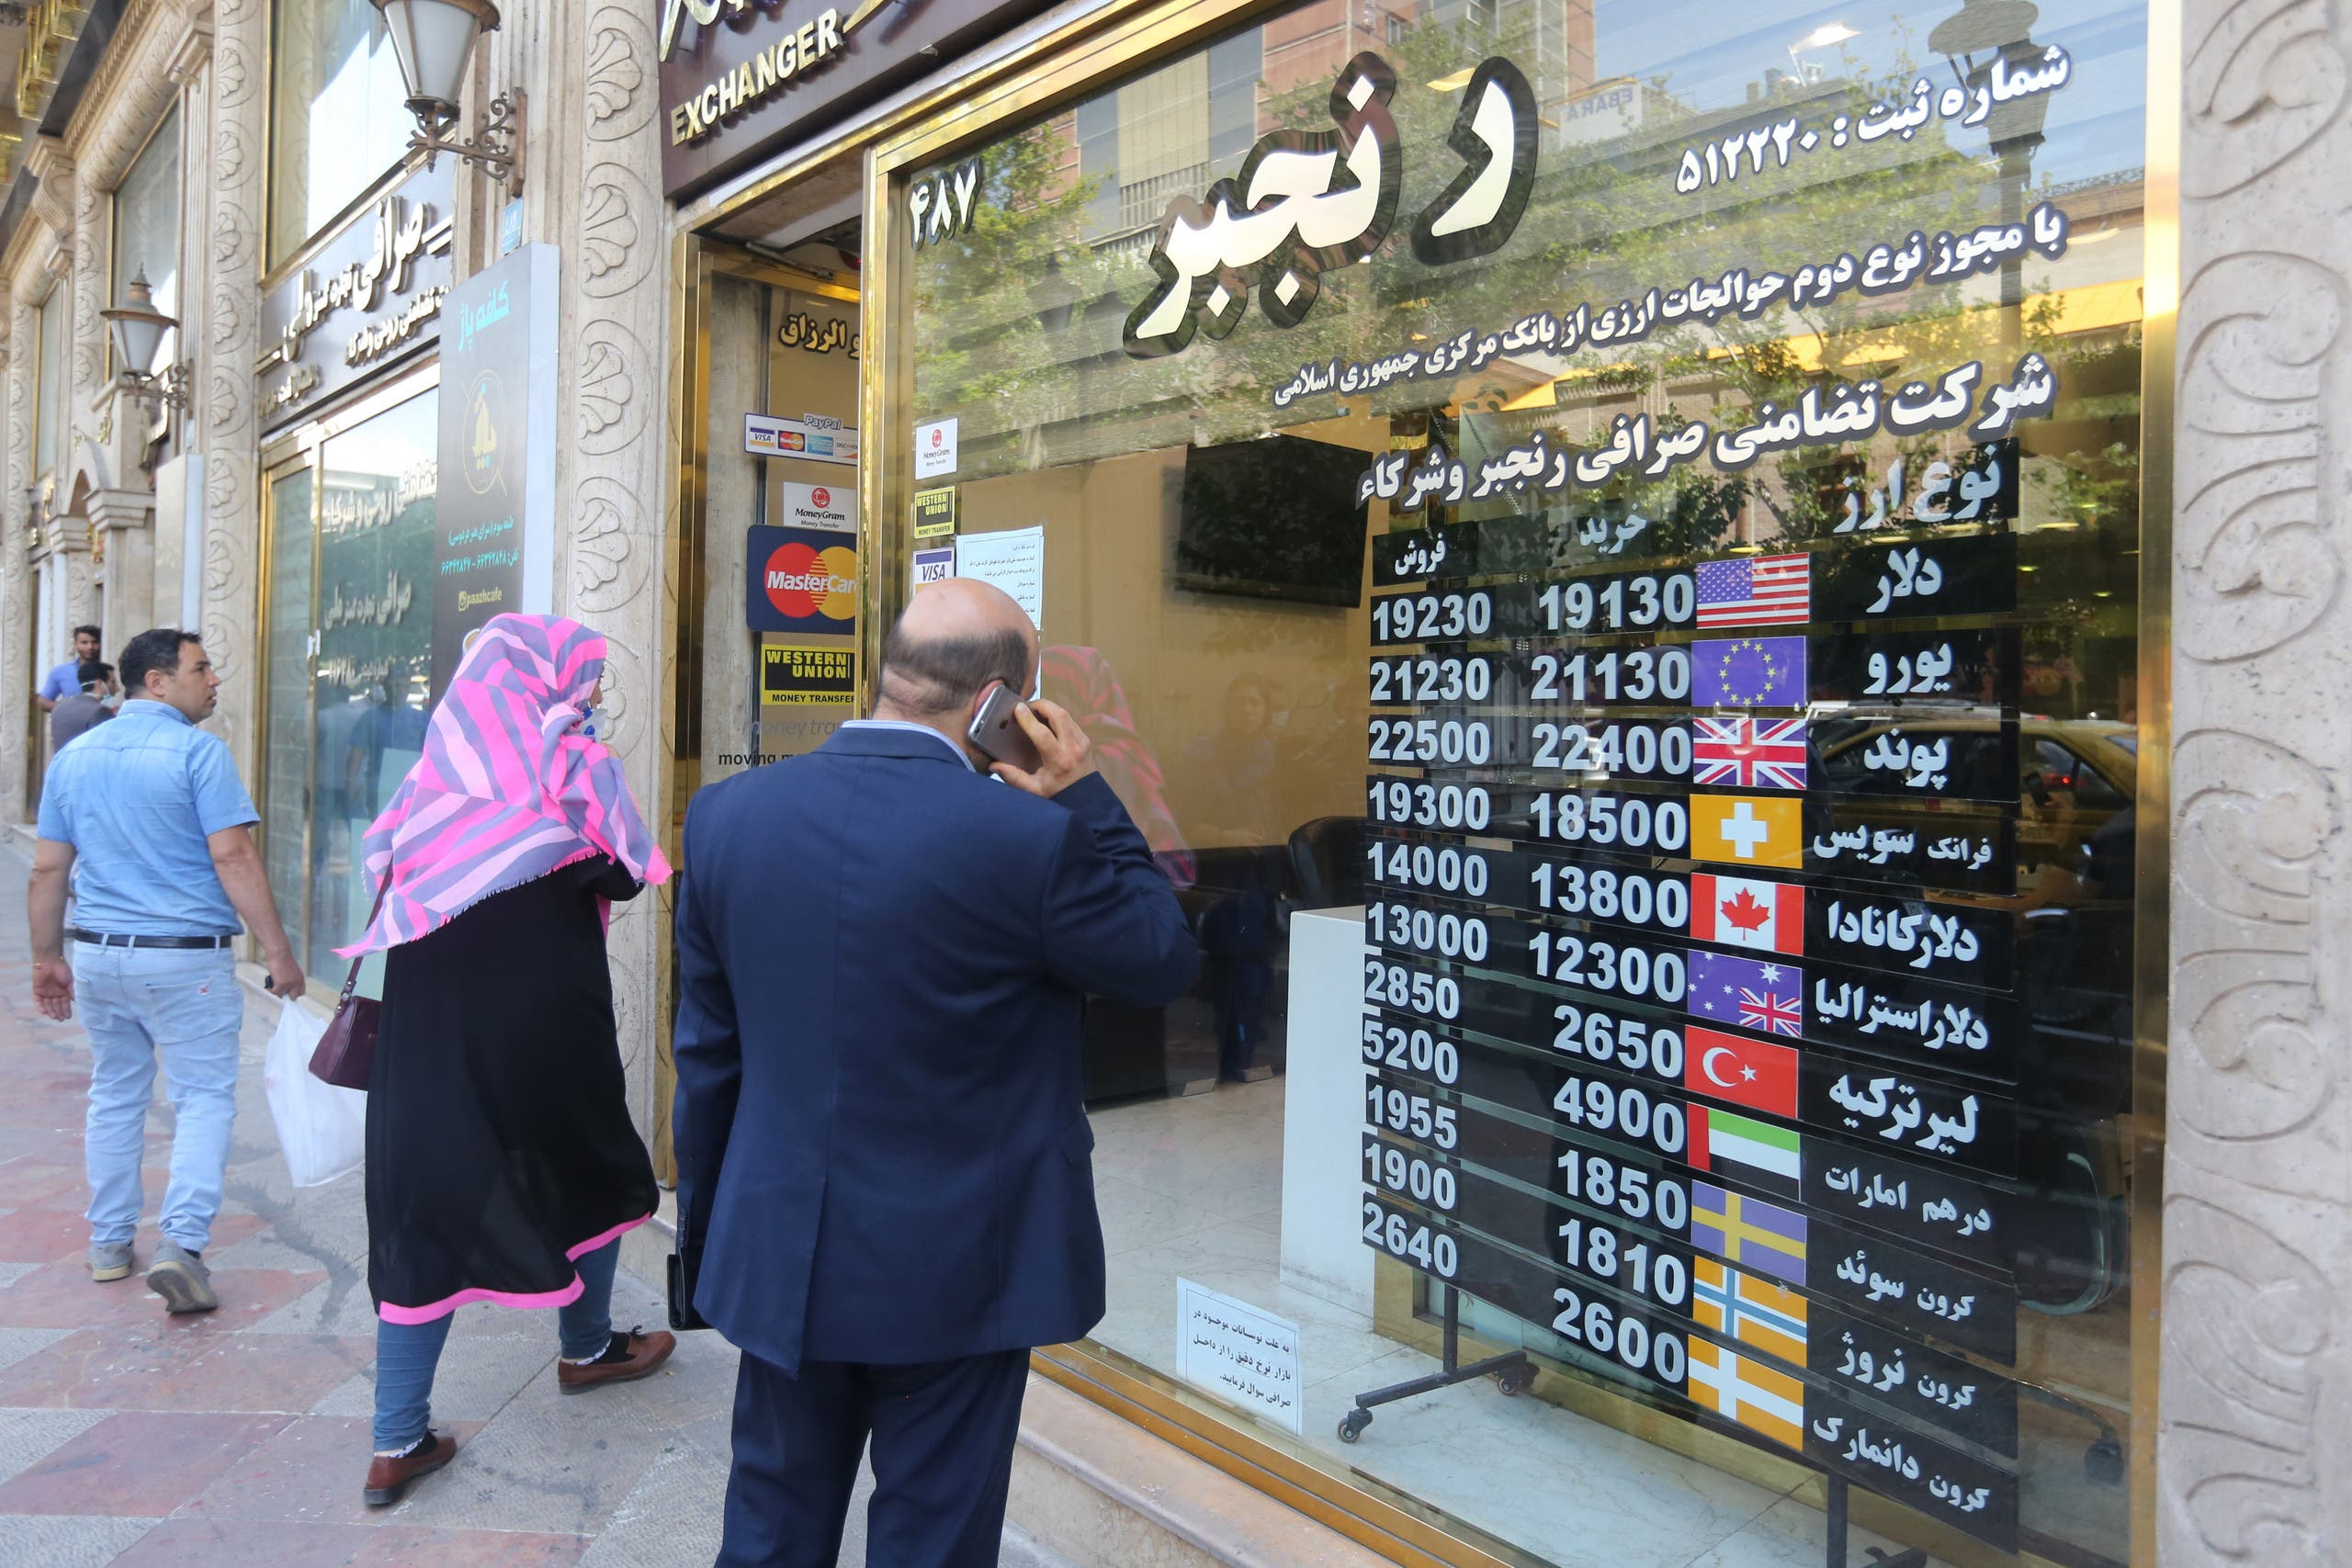 مكتب صرافة في طهران يظهر أسعار صرف الرسال الإيراني مقابل العملات الأجنبية على واجهته